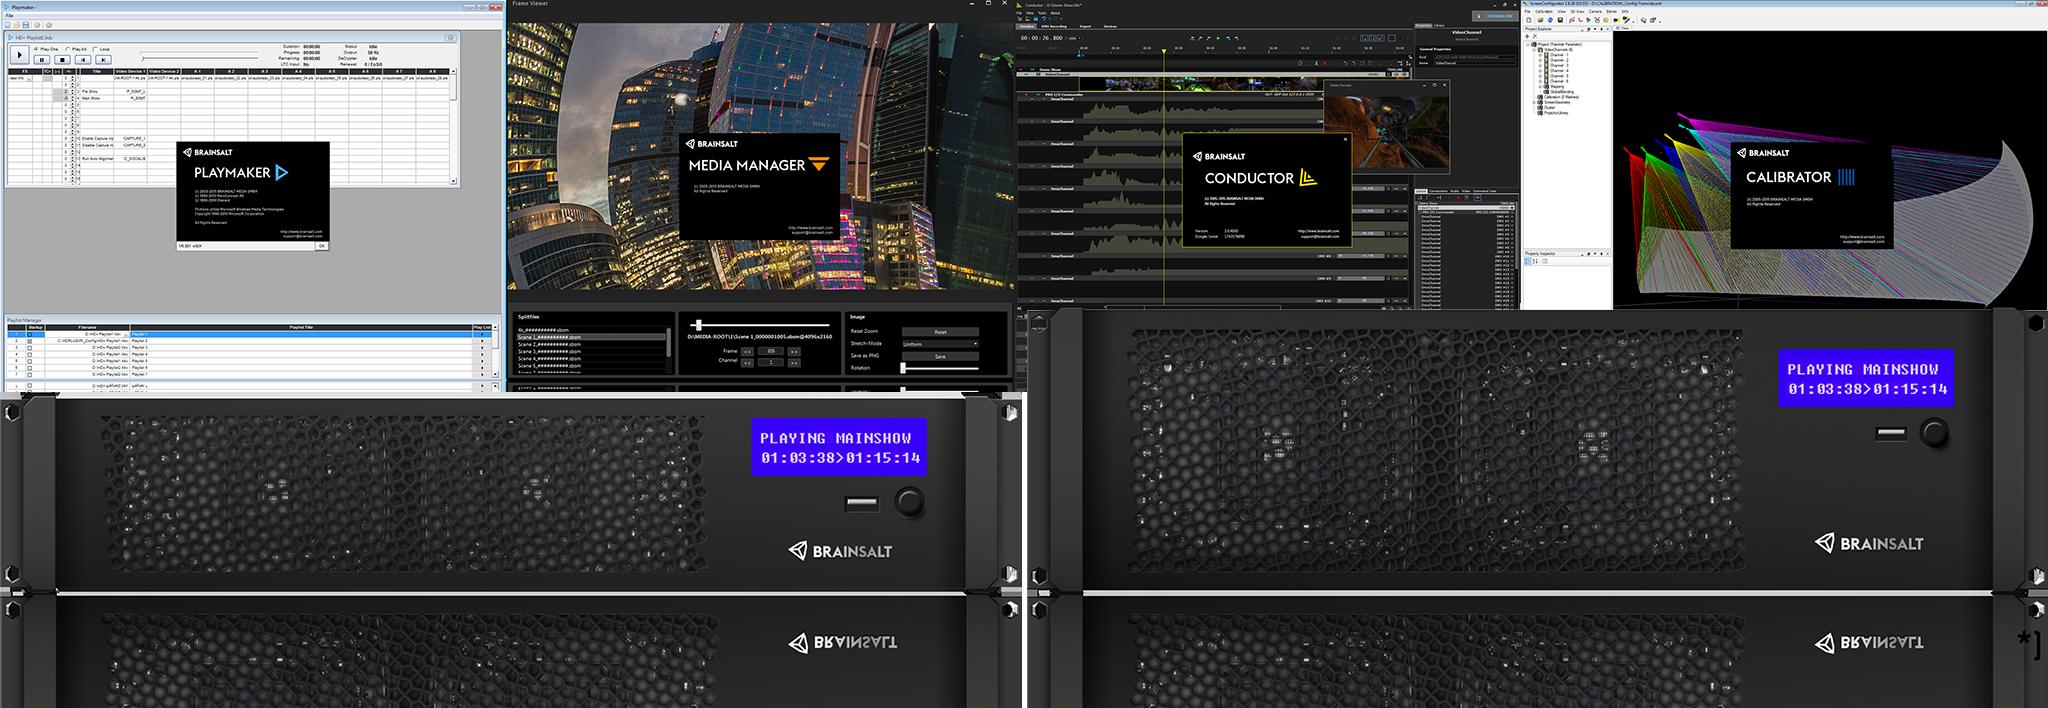 BRAINSALT - B6 Series Server